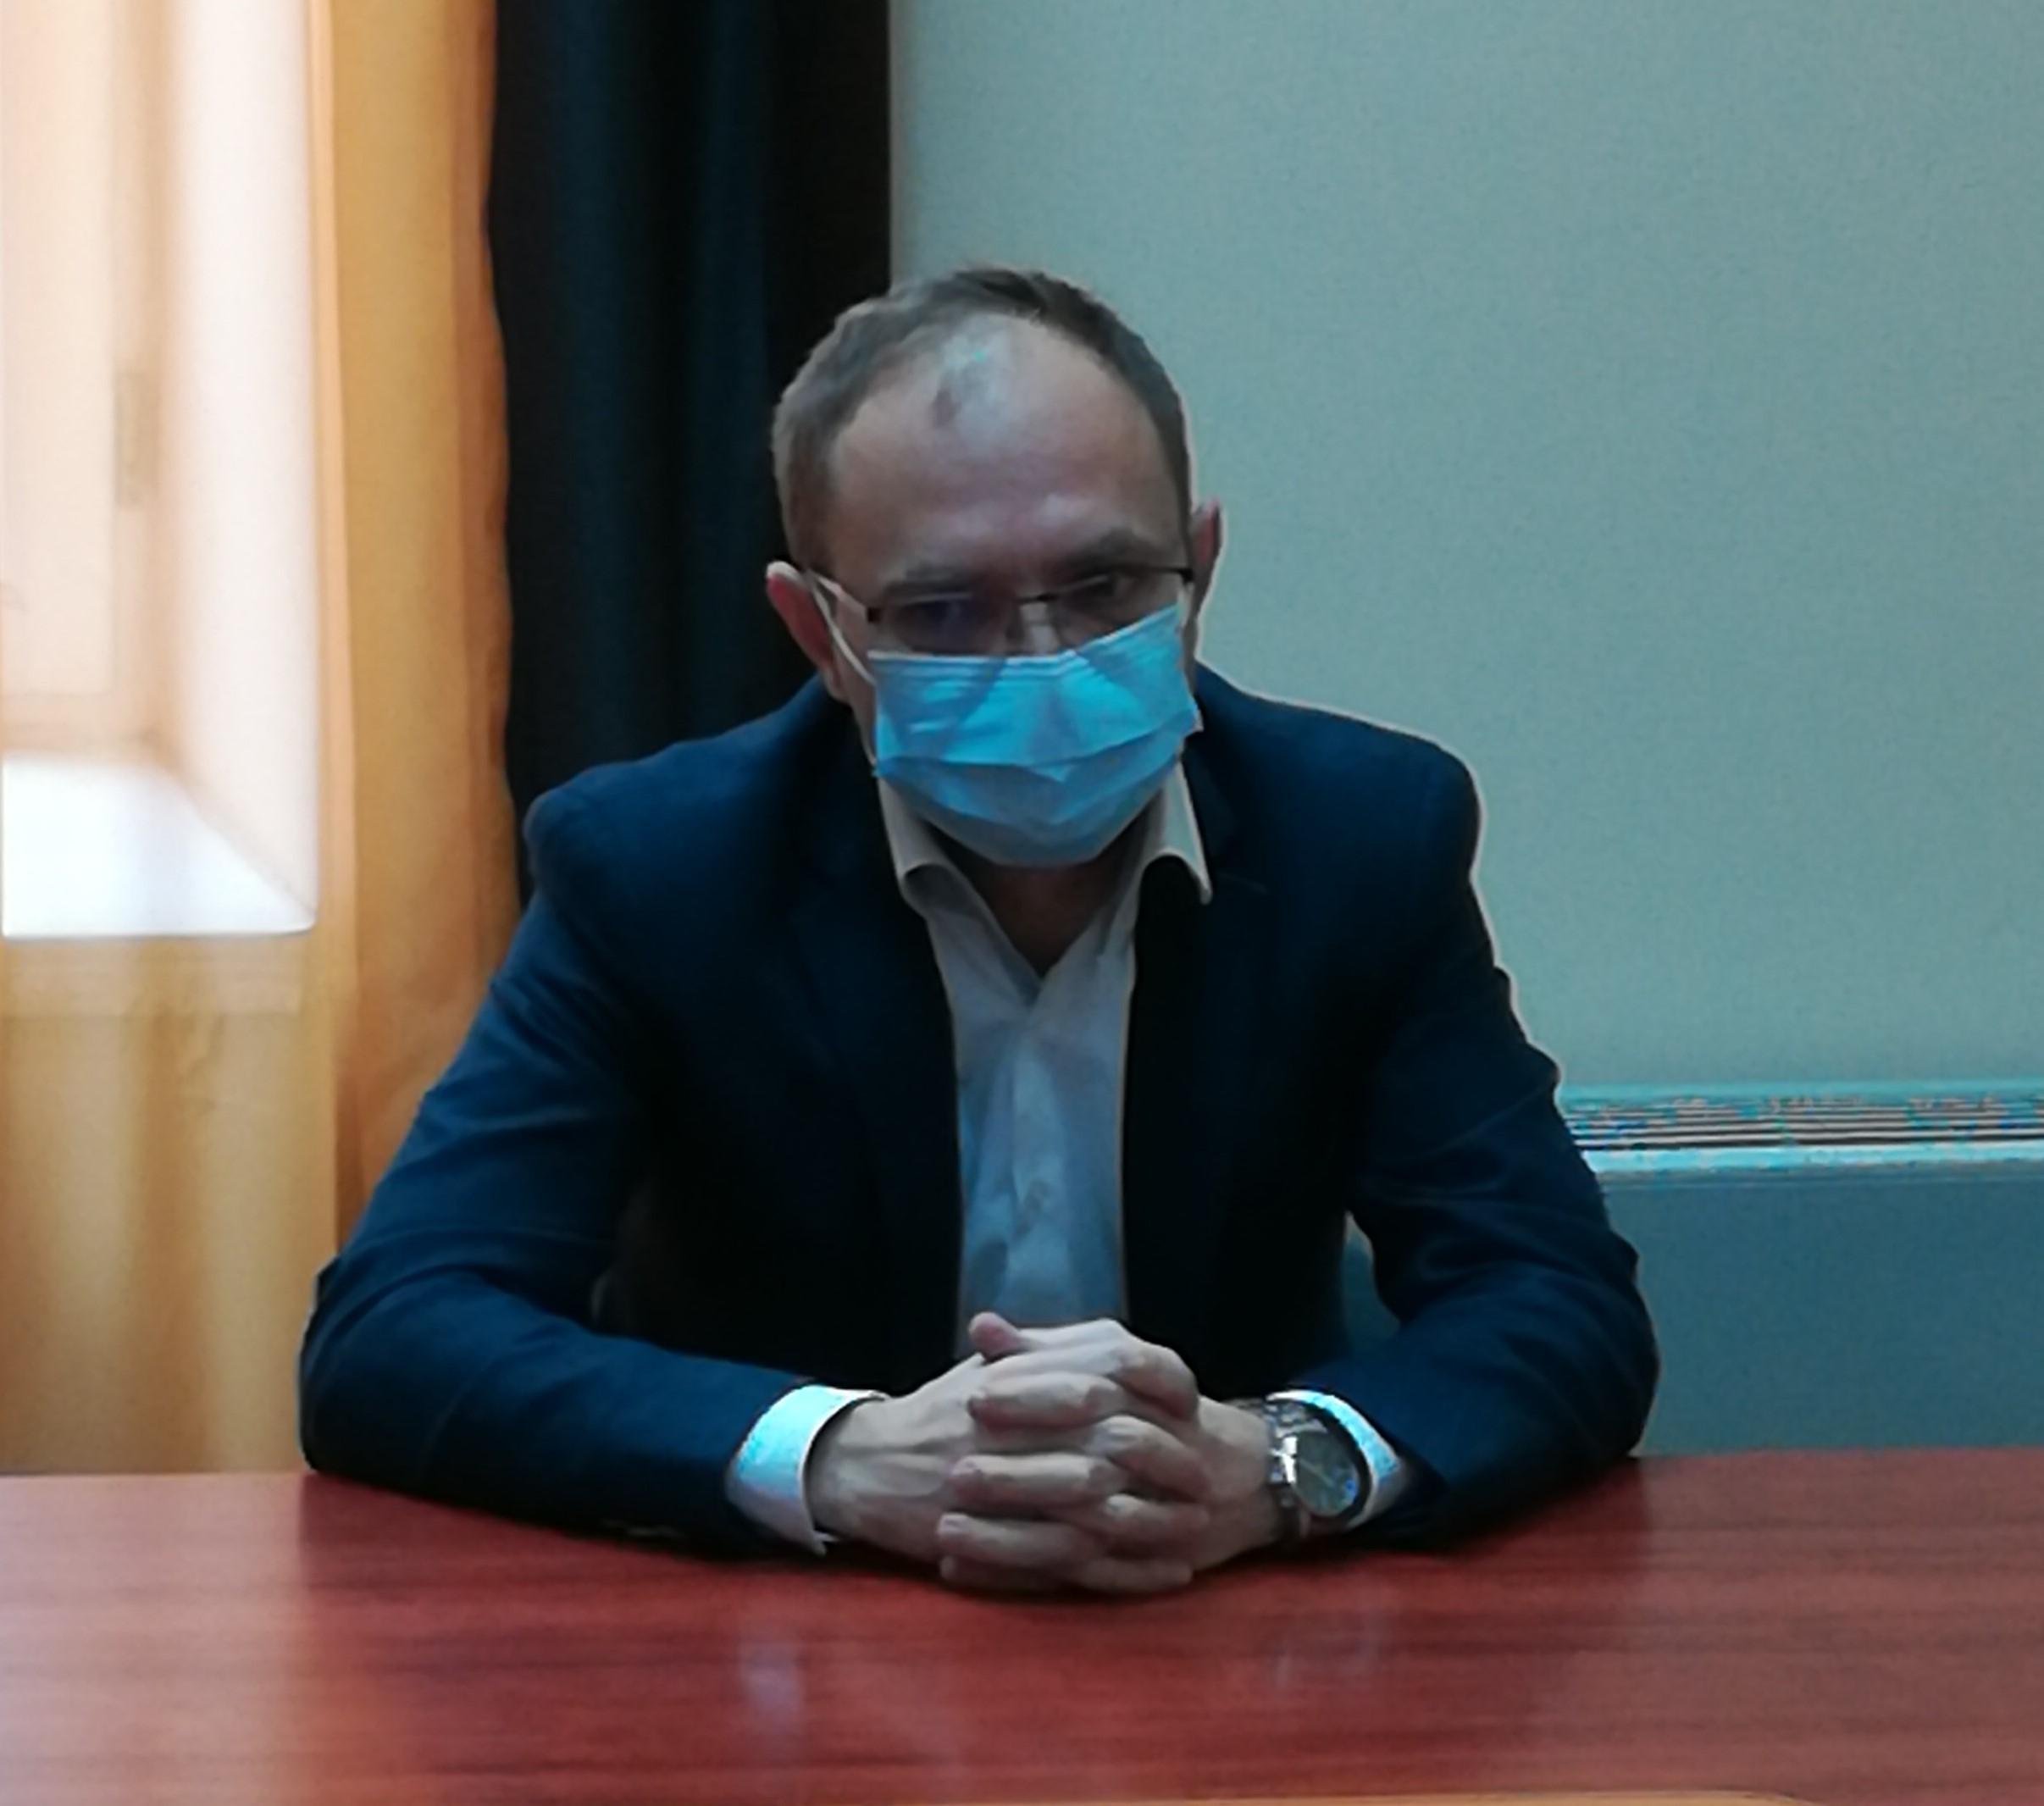 Primarul Botoşaniului este nemulţumit de disfuncţionalităţile platformei de programare pentru vaccinarea anti-COVID